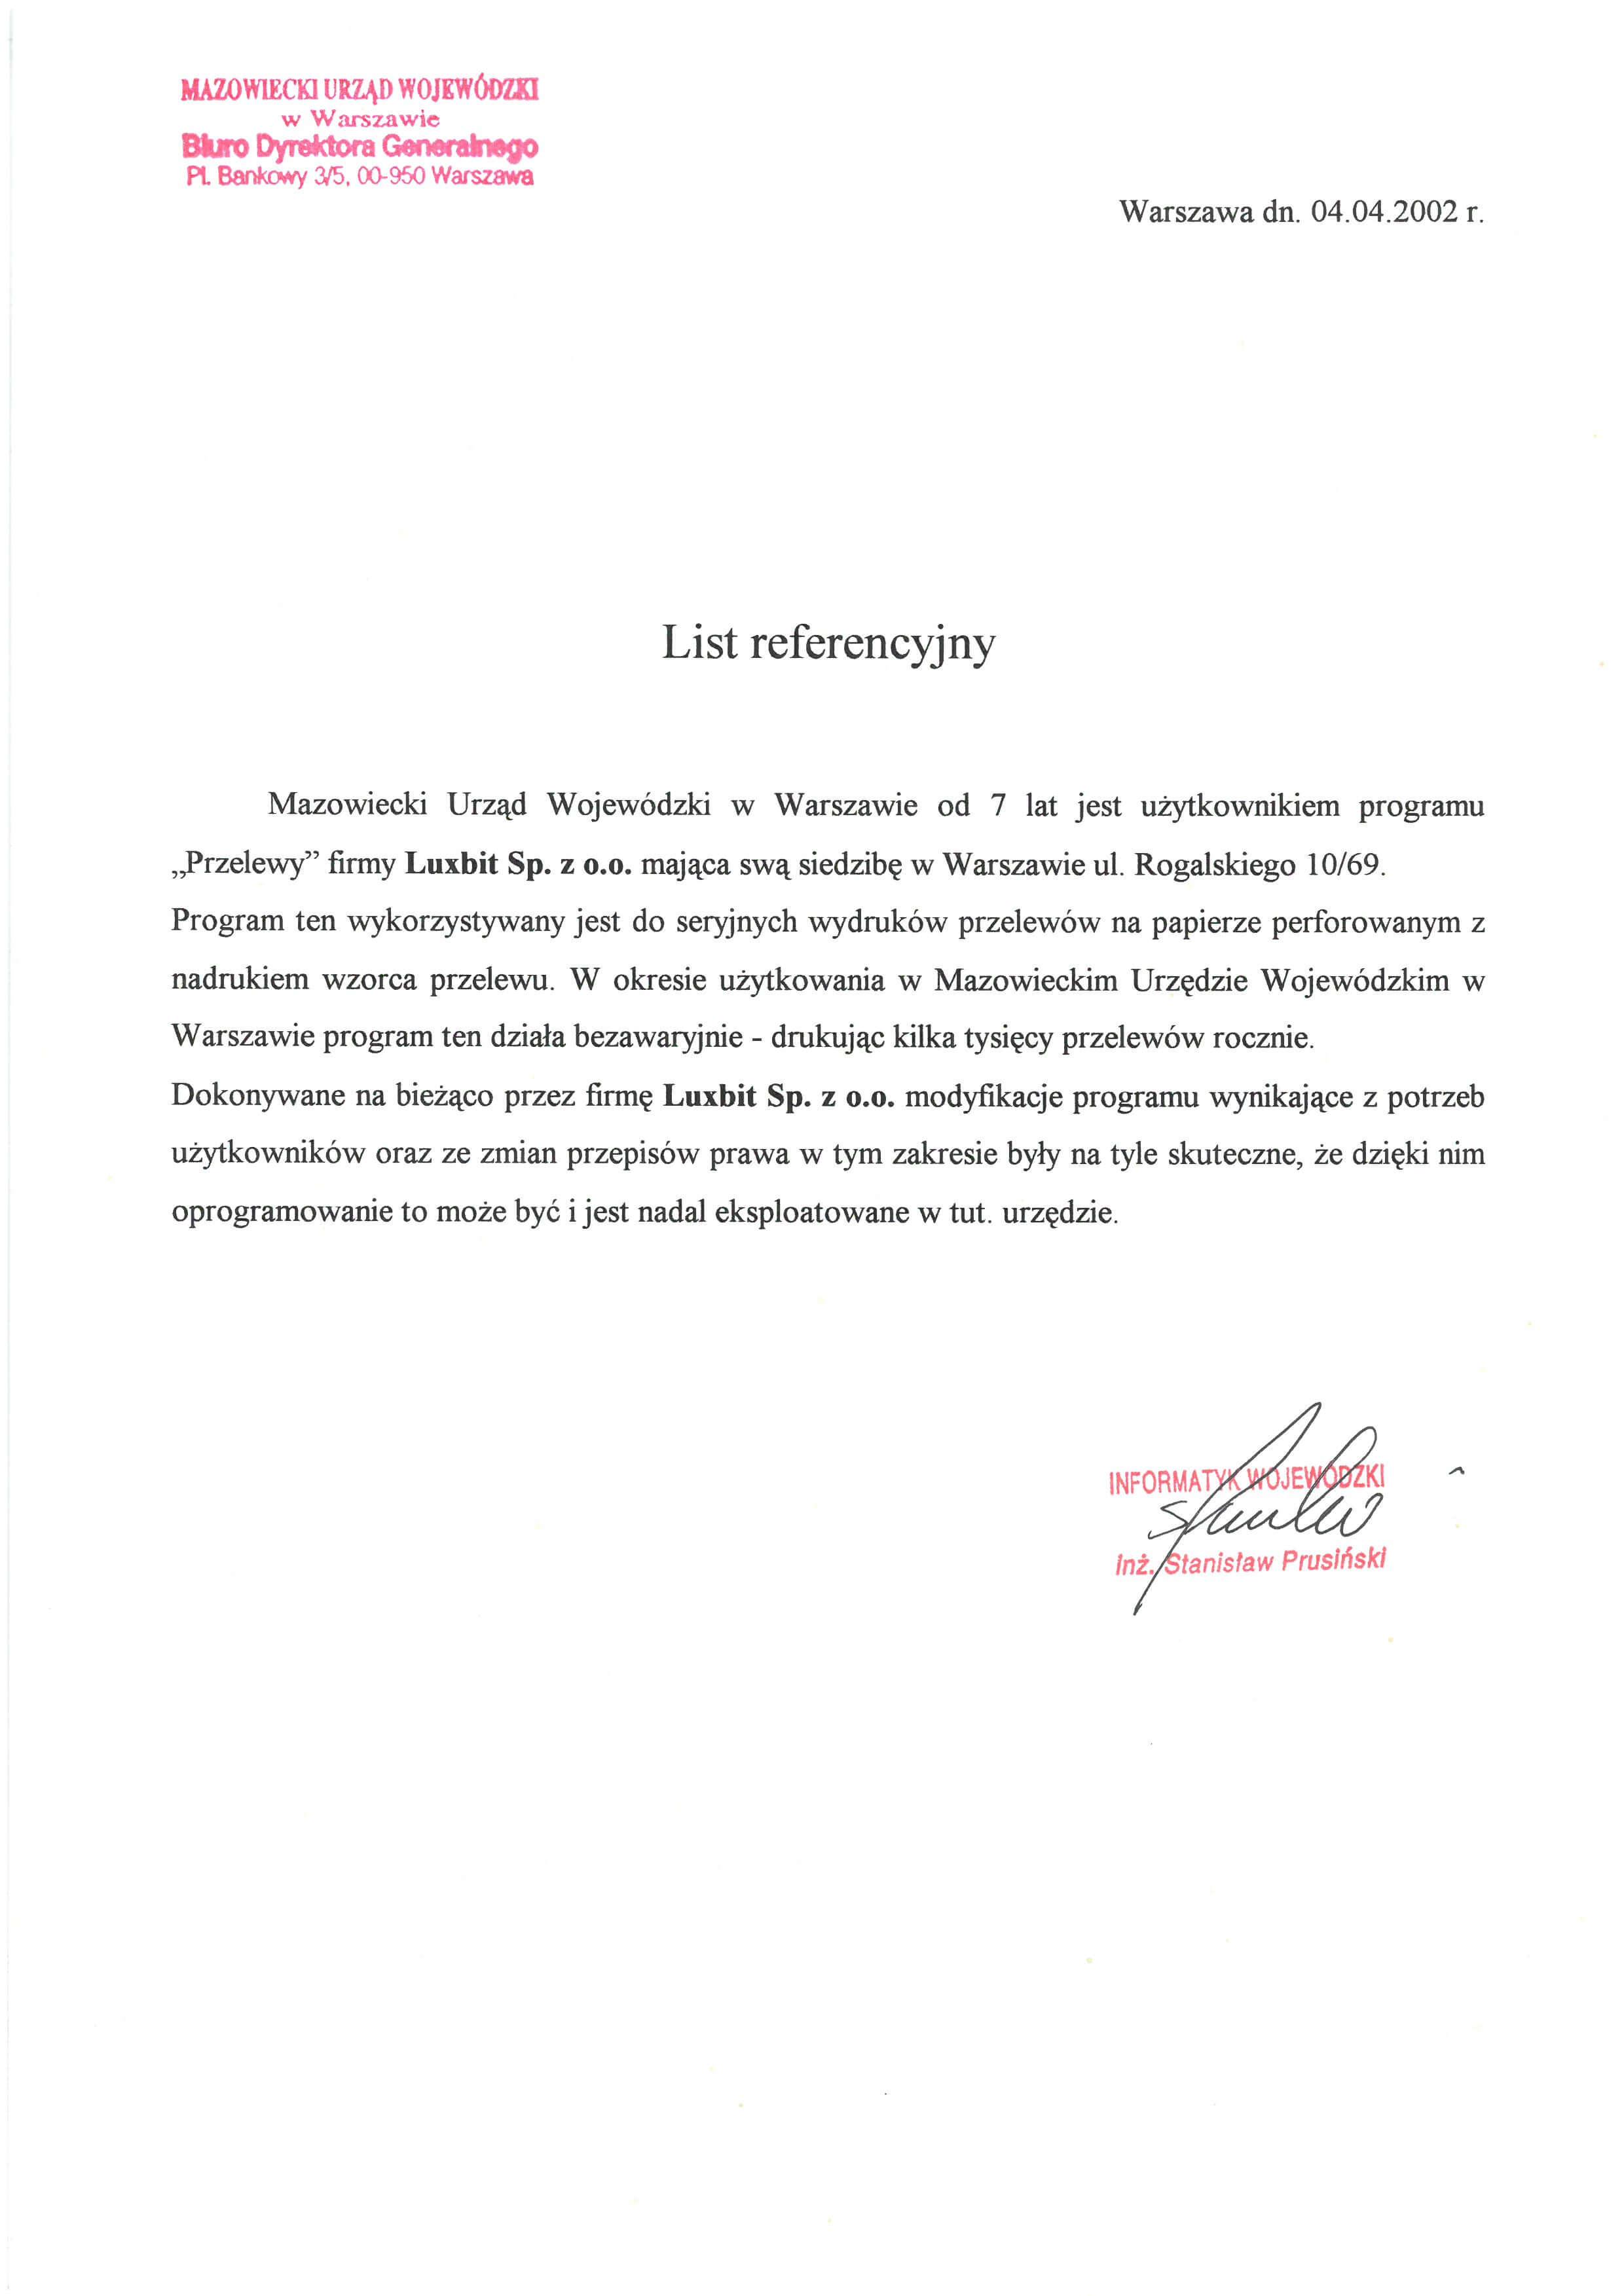 Referencje - Mazowiecki Urząd Wojewódzki